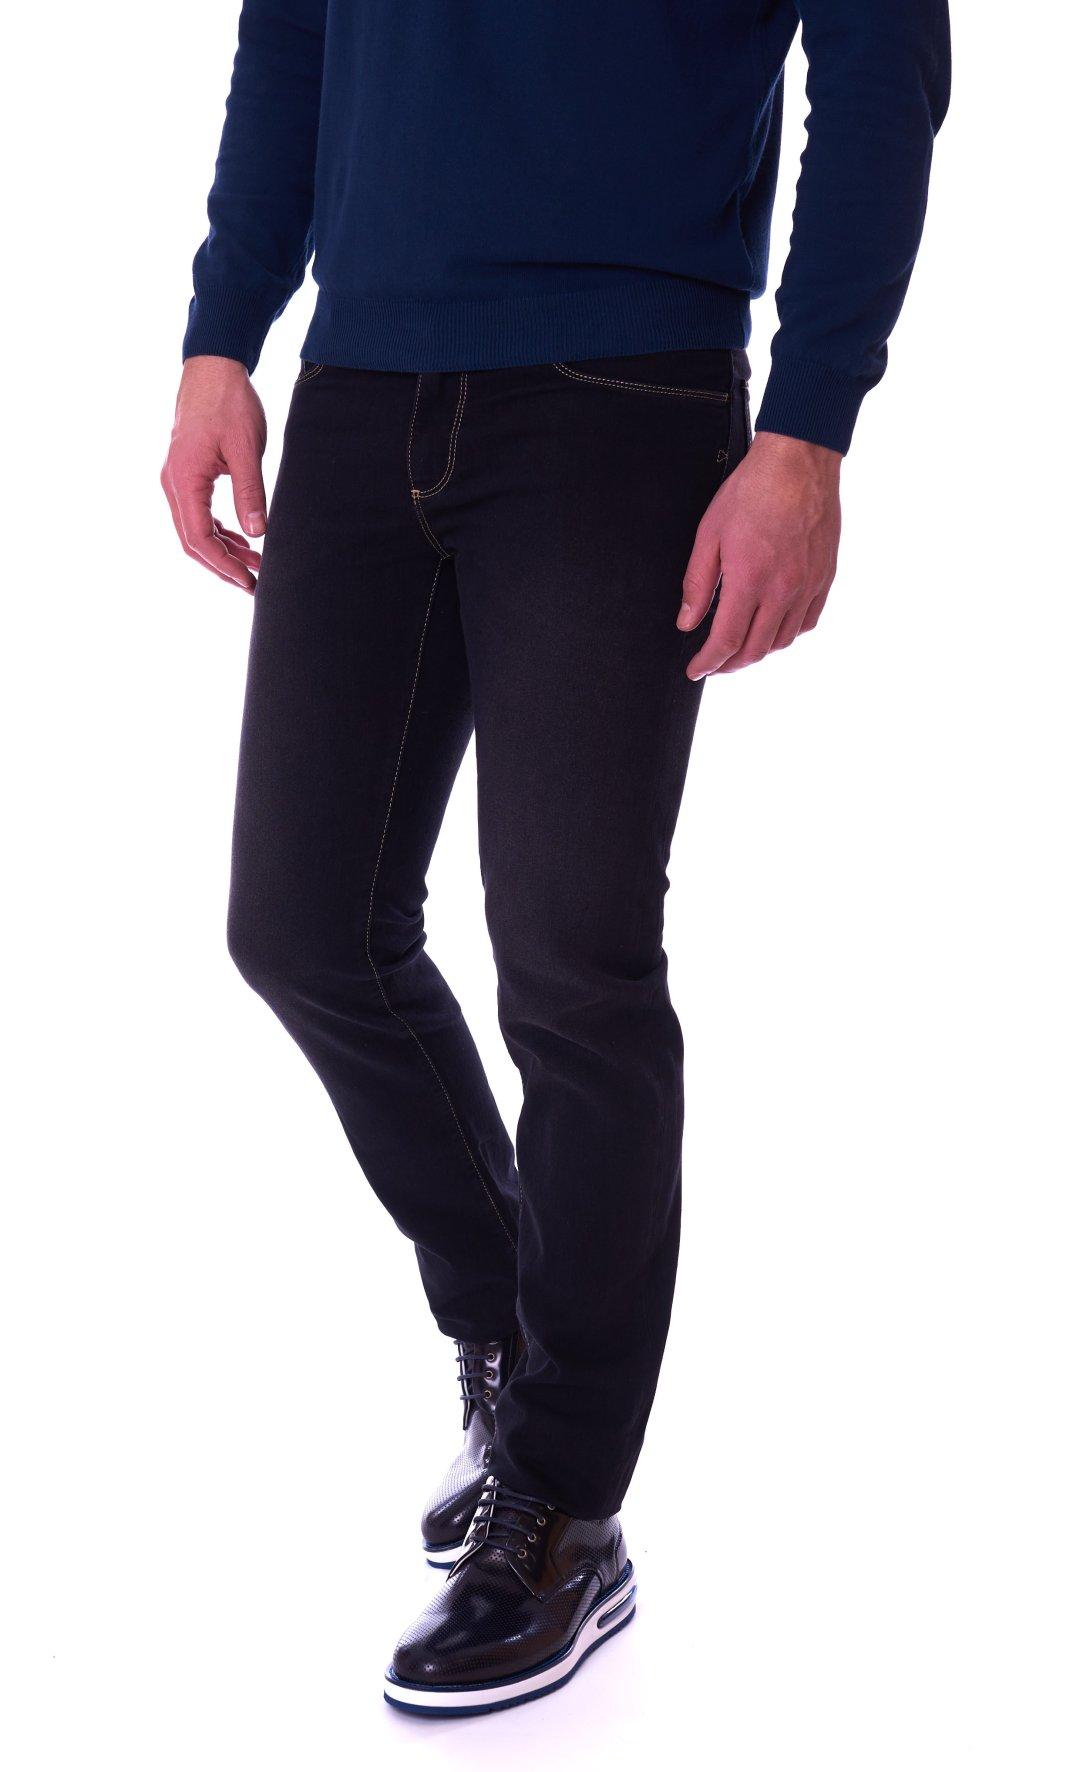 Jeans 380 Uomo Icon 1t000702 Nero 52j00001 Da Trussardi qj54LR3A